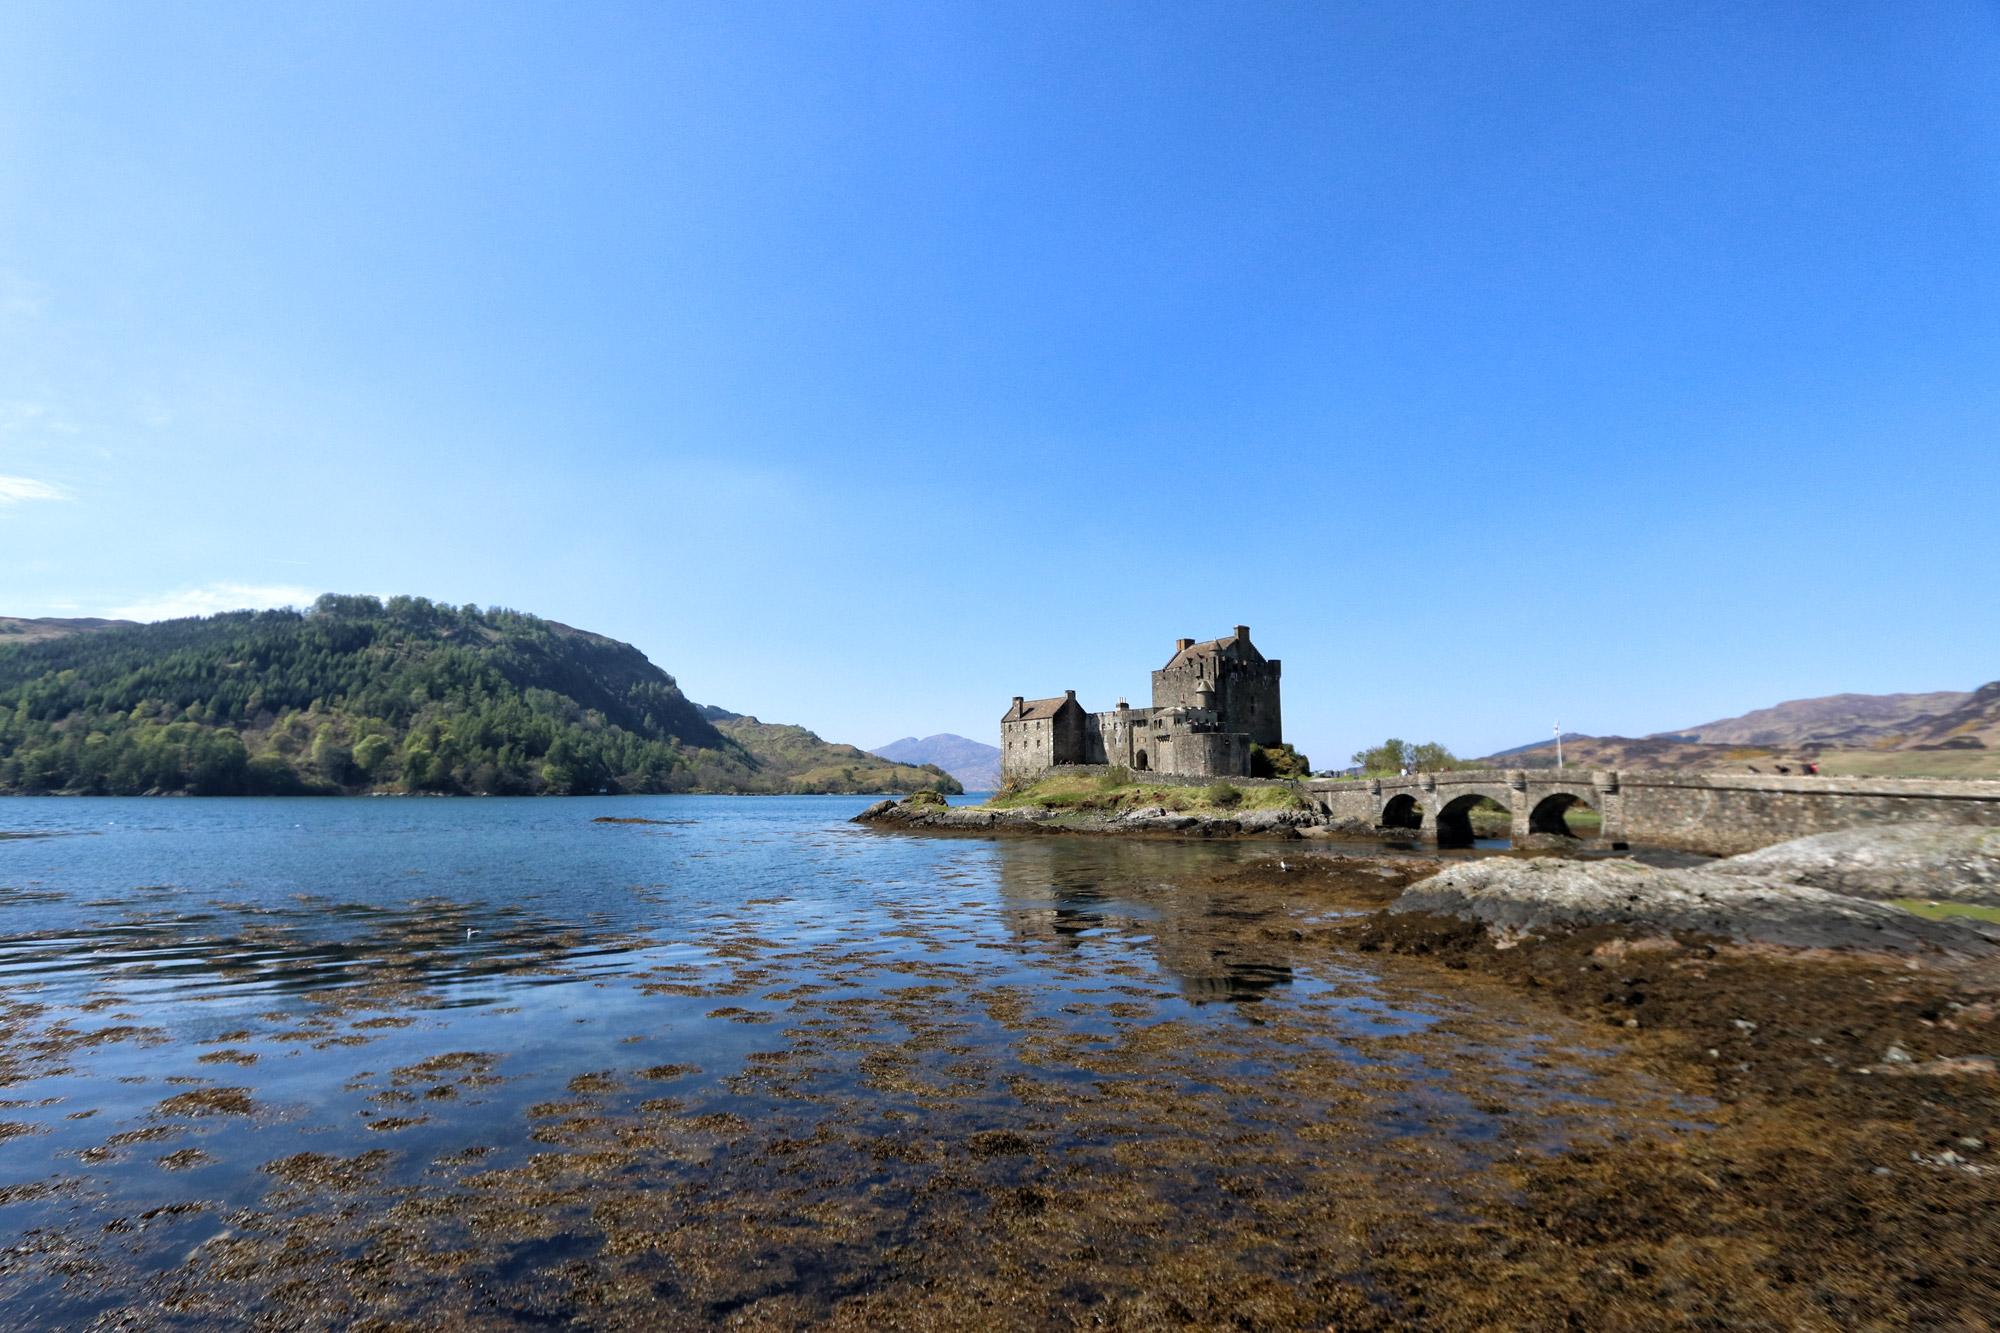 De hoogtepunten van Isle of Skye - Eilean Donan Castle